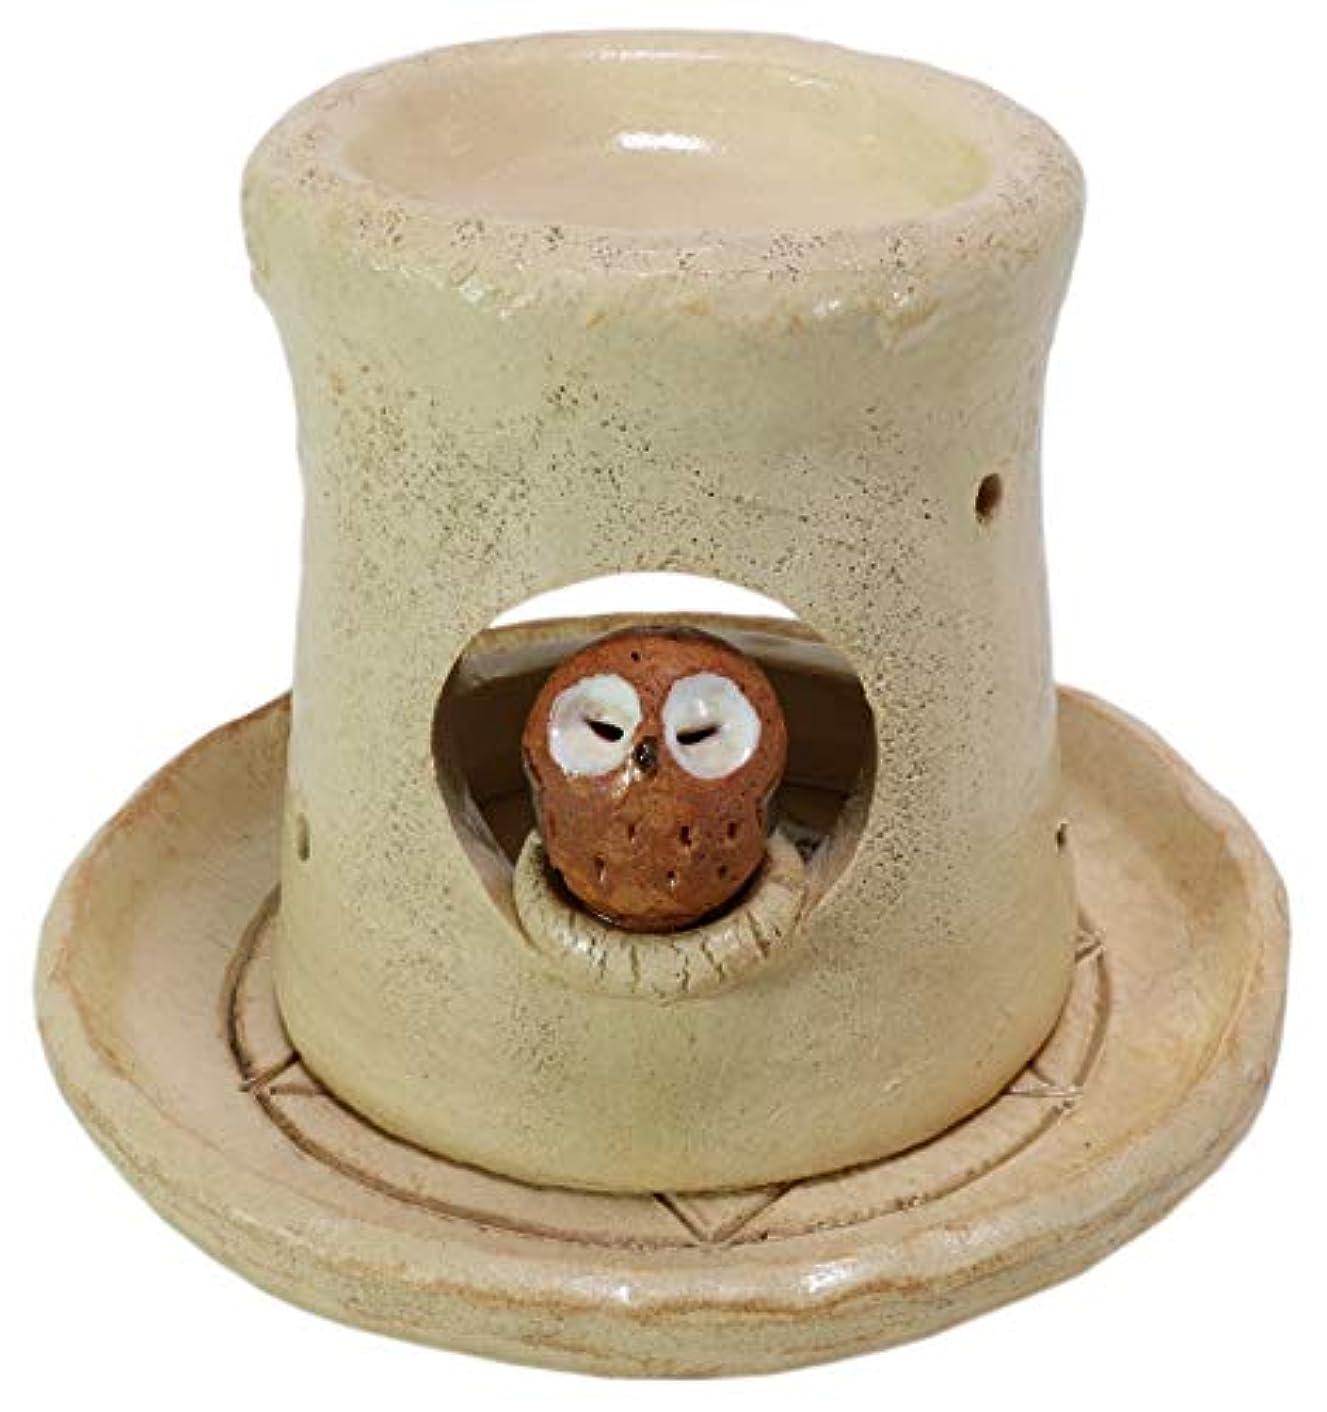 洗練野球宇宙香炉 フクロウ 茶香炉 [H14cm] HANDMADE プレゼント ギフト 和食器 かわいい インテリア